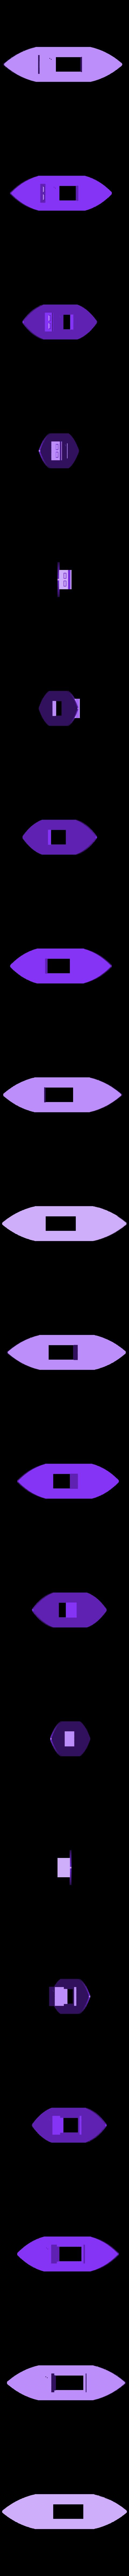 5_Buck_Boat_Deck_002.STL Télécharger fichier STL gratuit 5 BUCK BOAT ! • Modèle pour imprimante 3D, Tarnliare